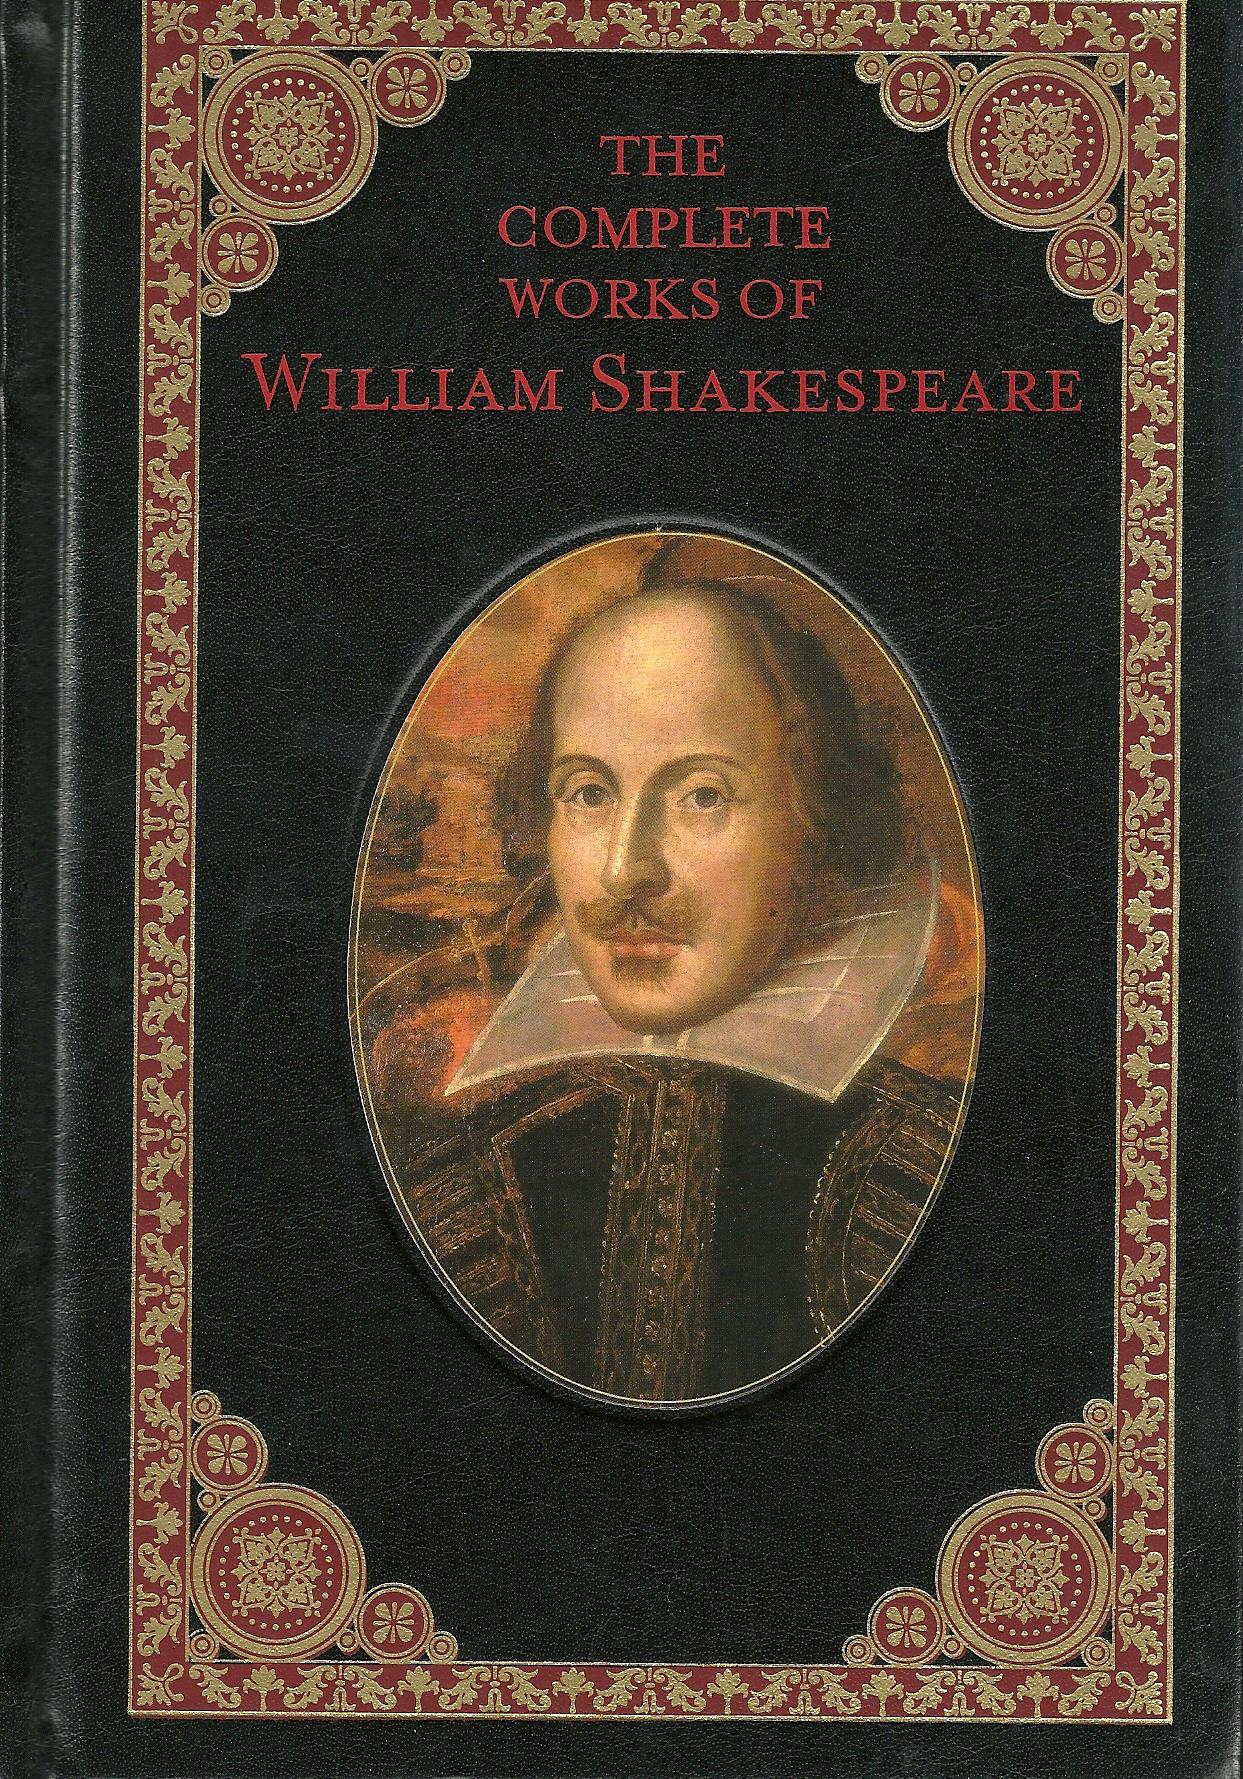 400 Years Of Shakespeare